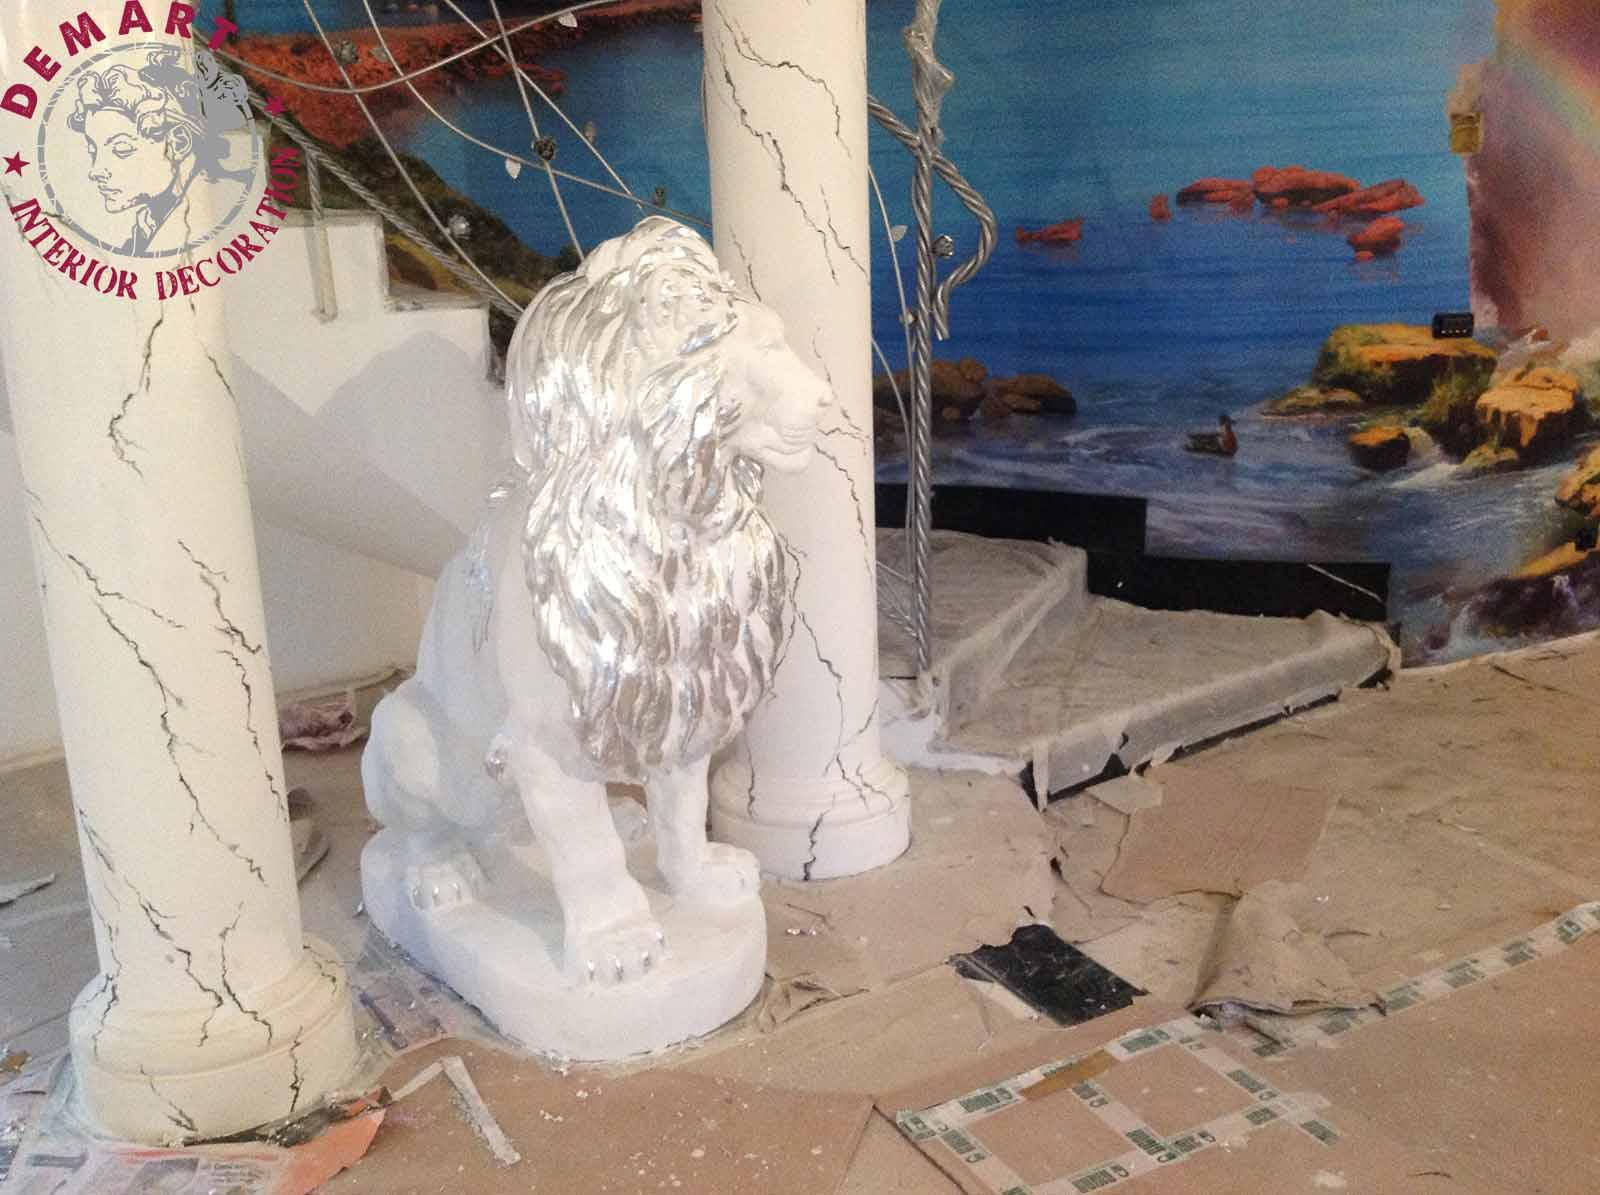 affresco-digitale-decorazione-statua-foglia-argento-privato-02